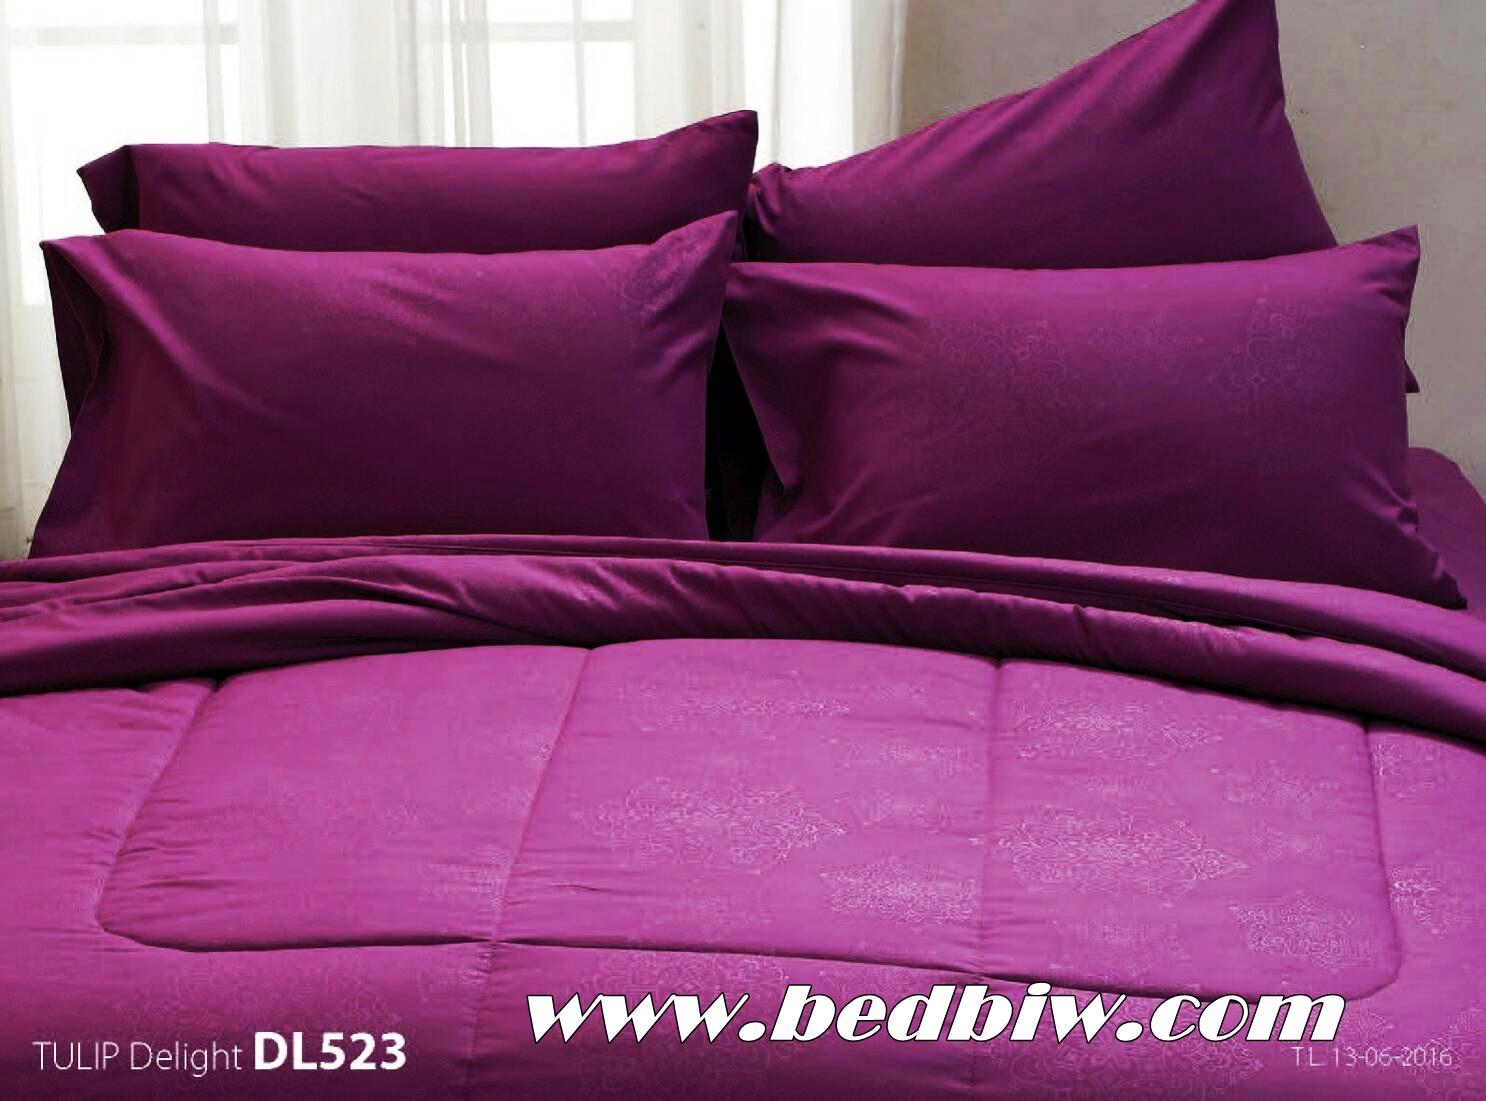 ชุดเครื่องนอน ผ้าปูที่นอน ทิวลิป-ดีไลท์ Tulip Delight สีพื้น พิมพ์ลาย รหัส DL523